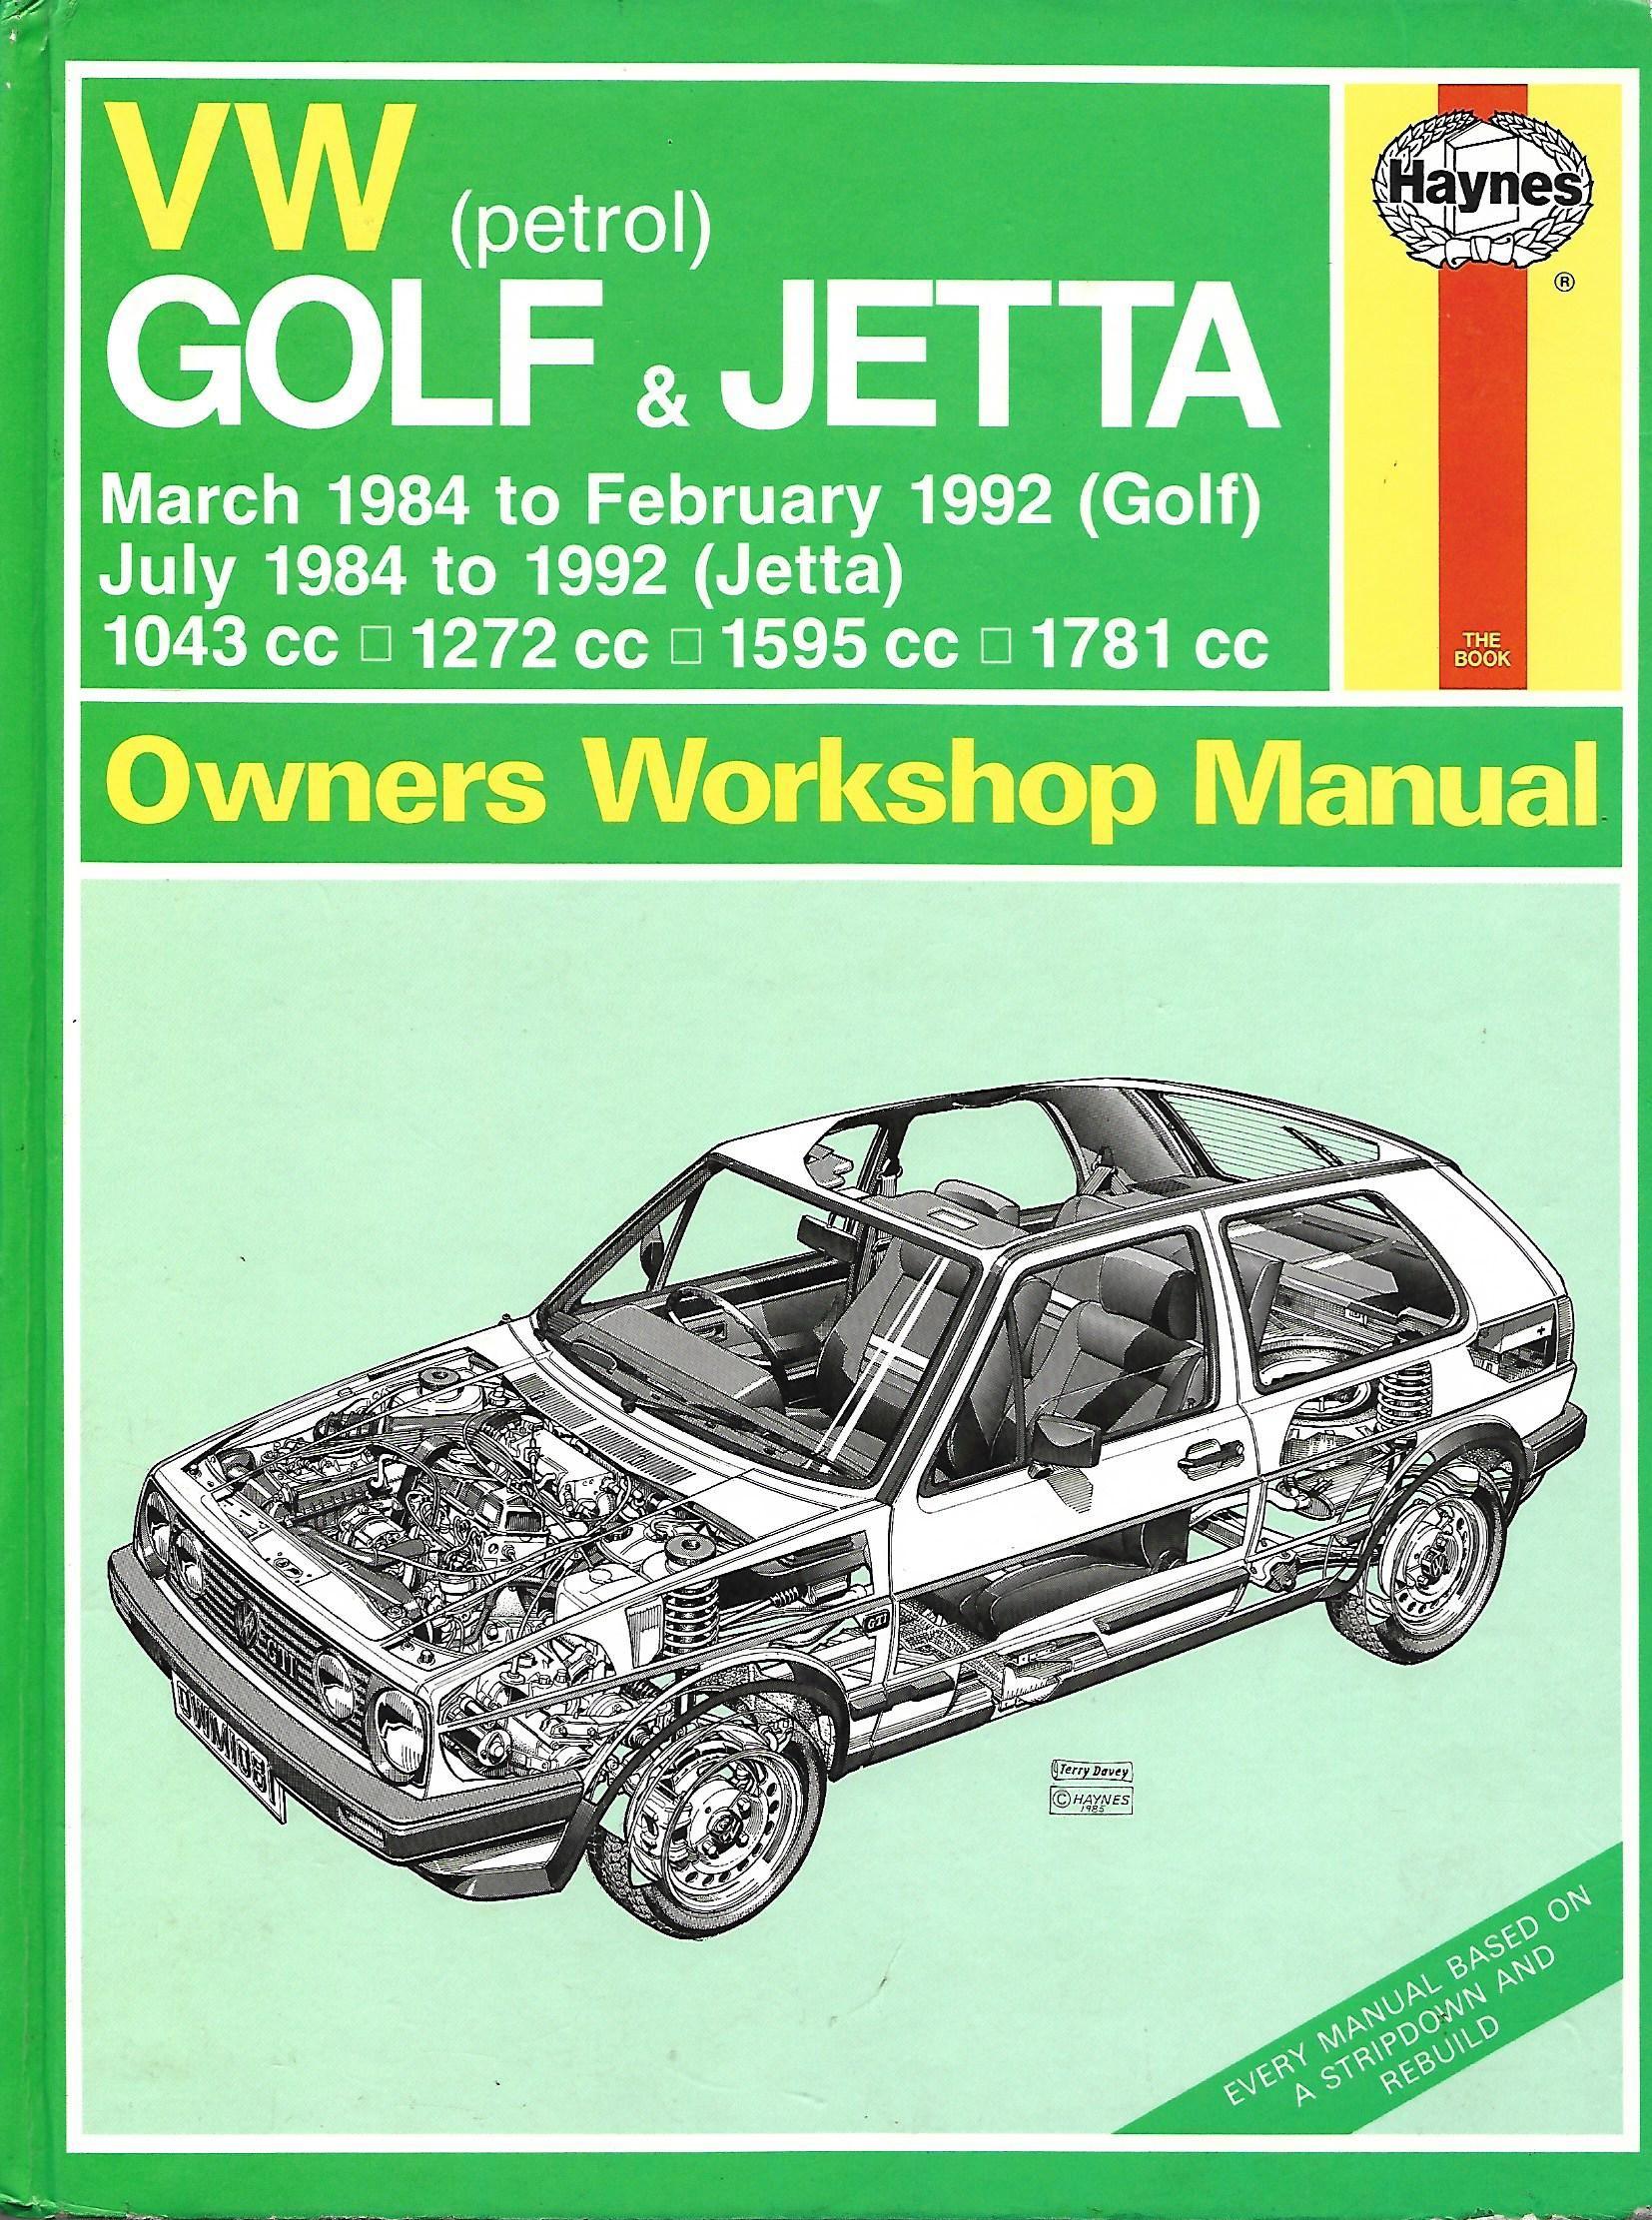 (1081) VW Golf & Jetta Mar 1984- Feb 1992